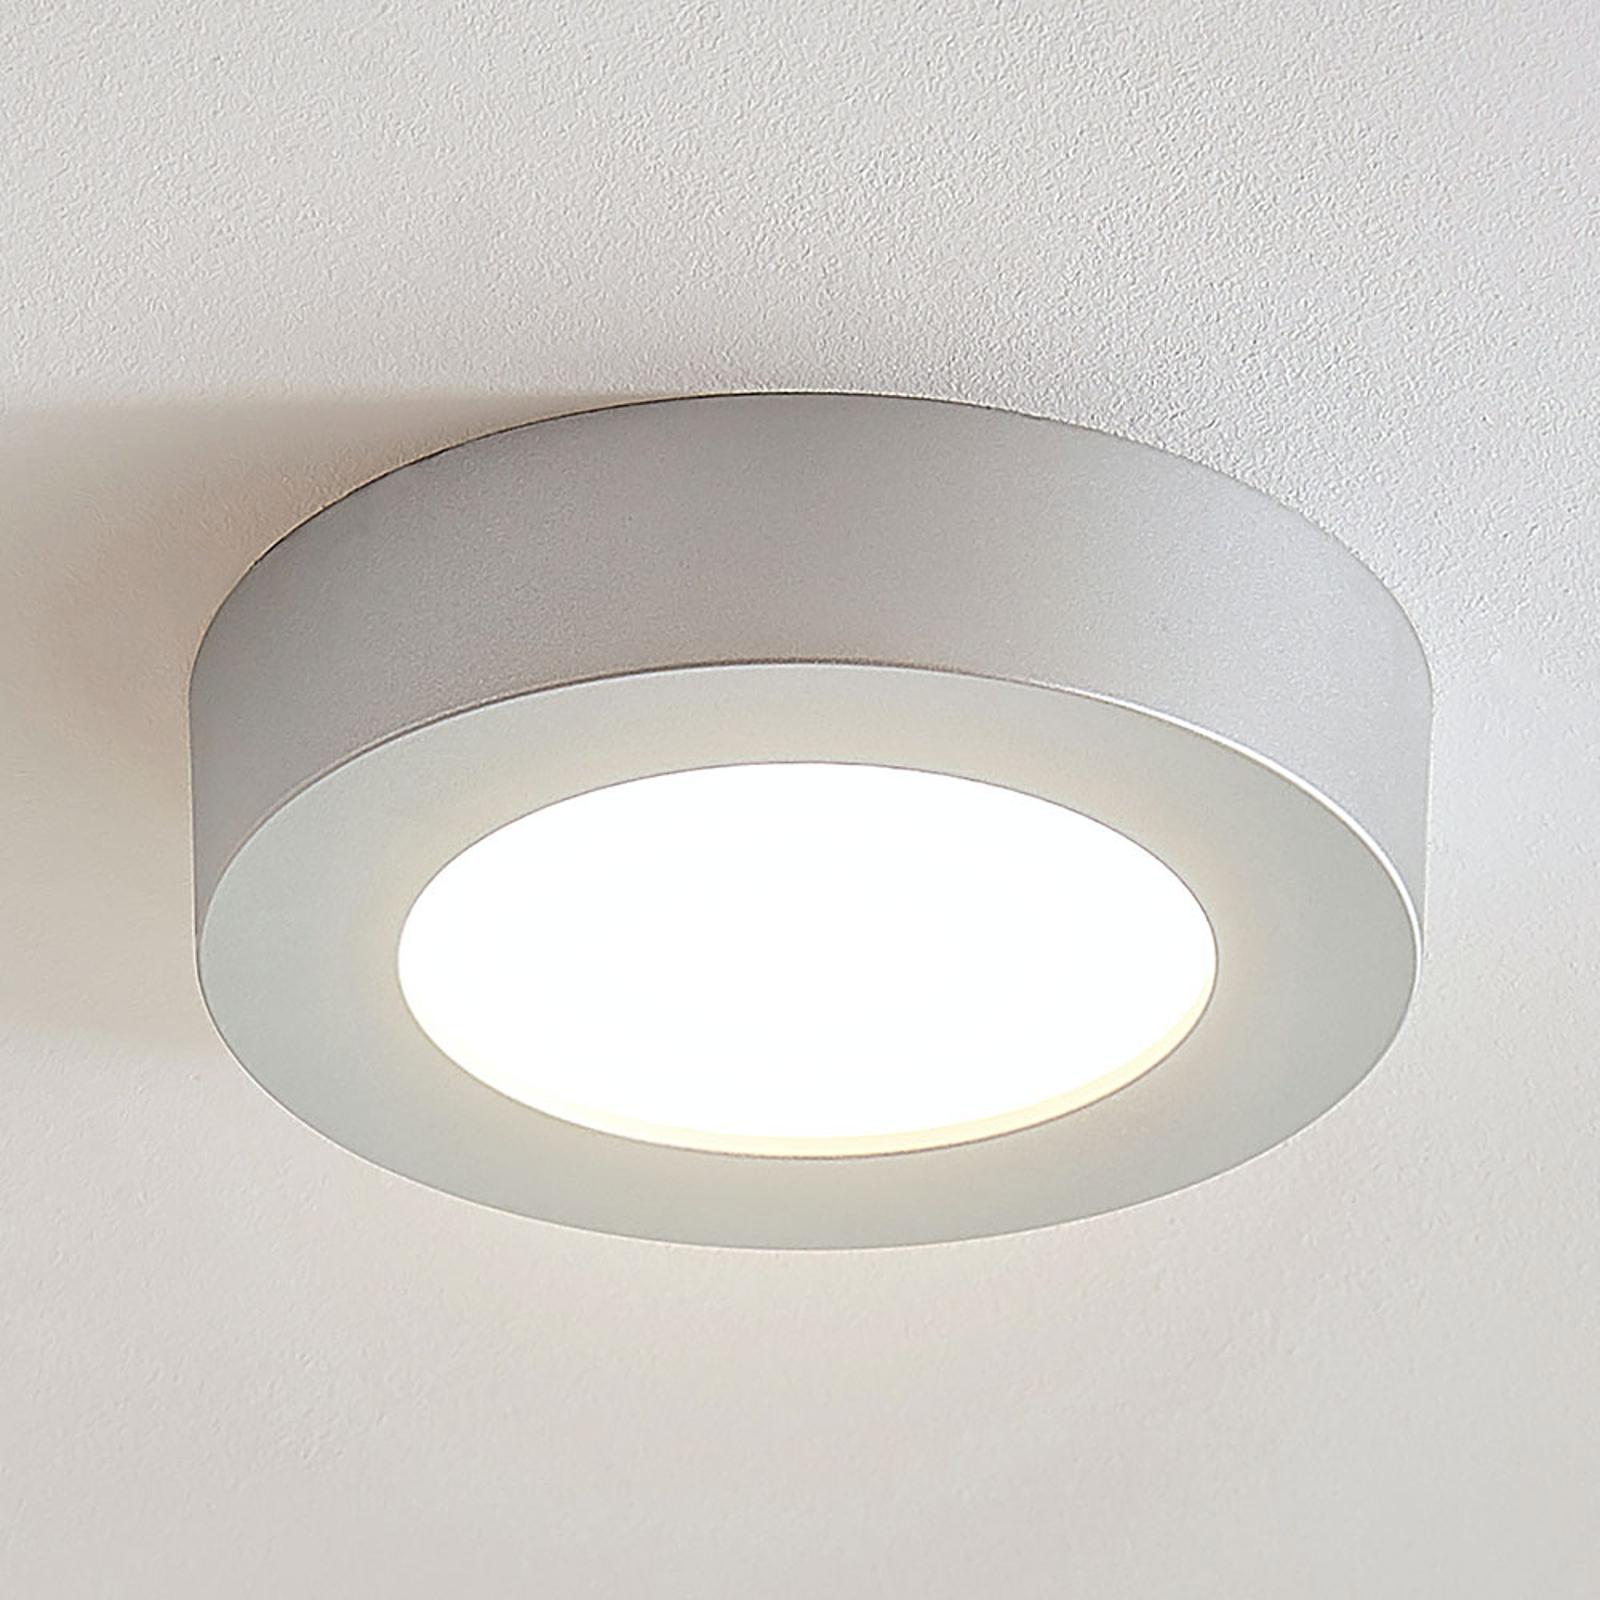 LED stropní svítidlo Marlo stříbrné kulaté 18,2cm